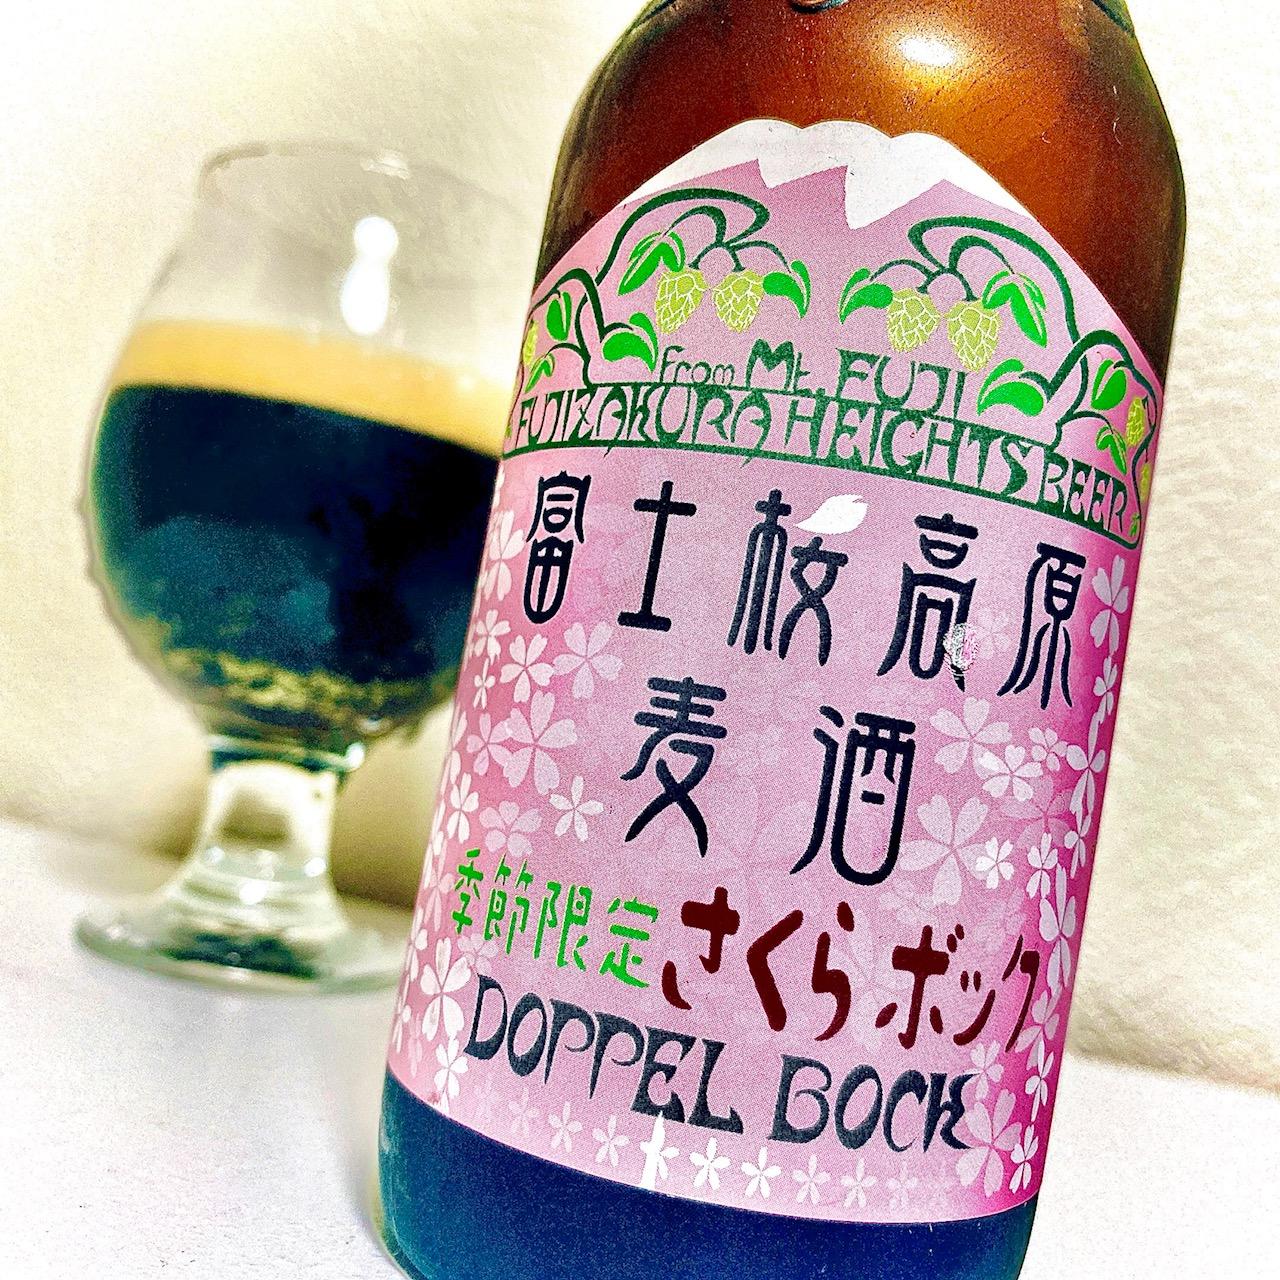 富士桜高原麦酒 さくらボック